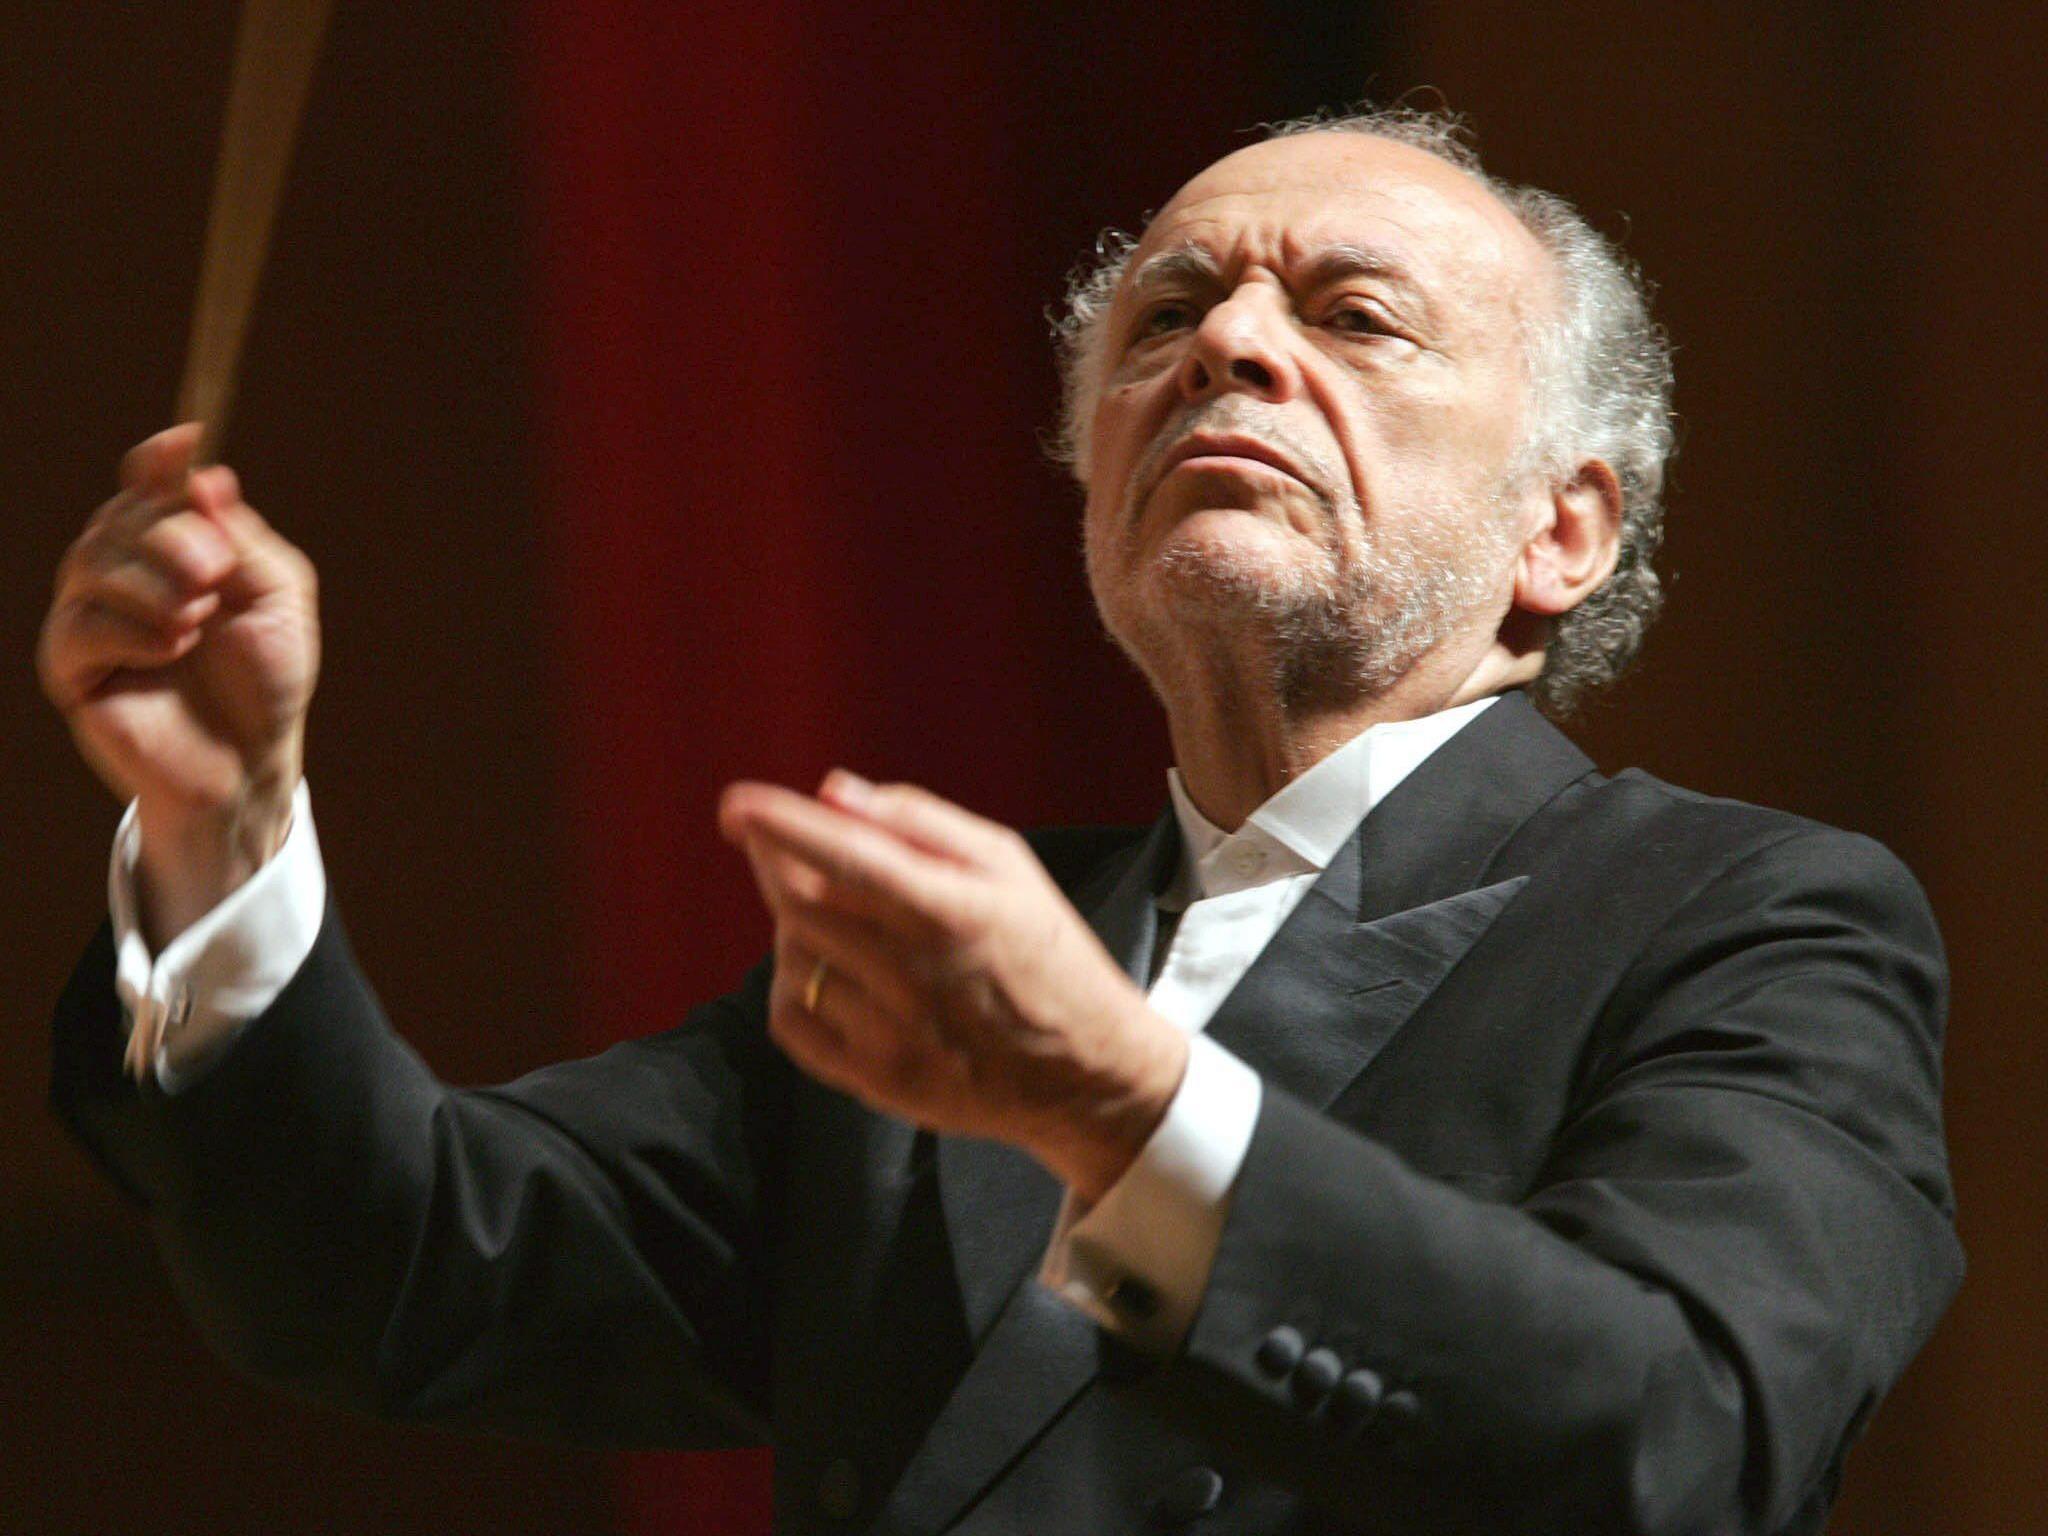 Dirigierte mehrmals Neujahrskonzert der Wiener Philharmoniker: Lorin Maazel 84-jährig verstorben.